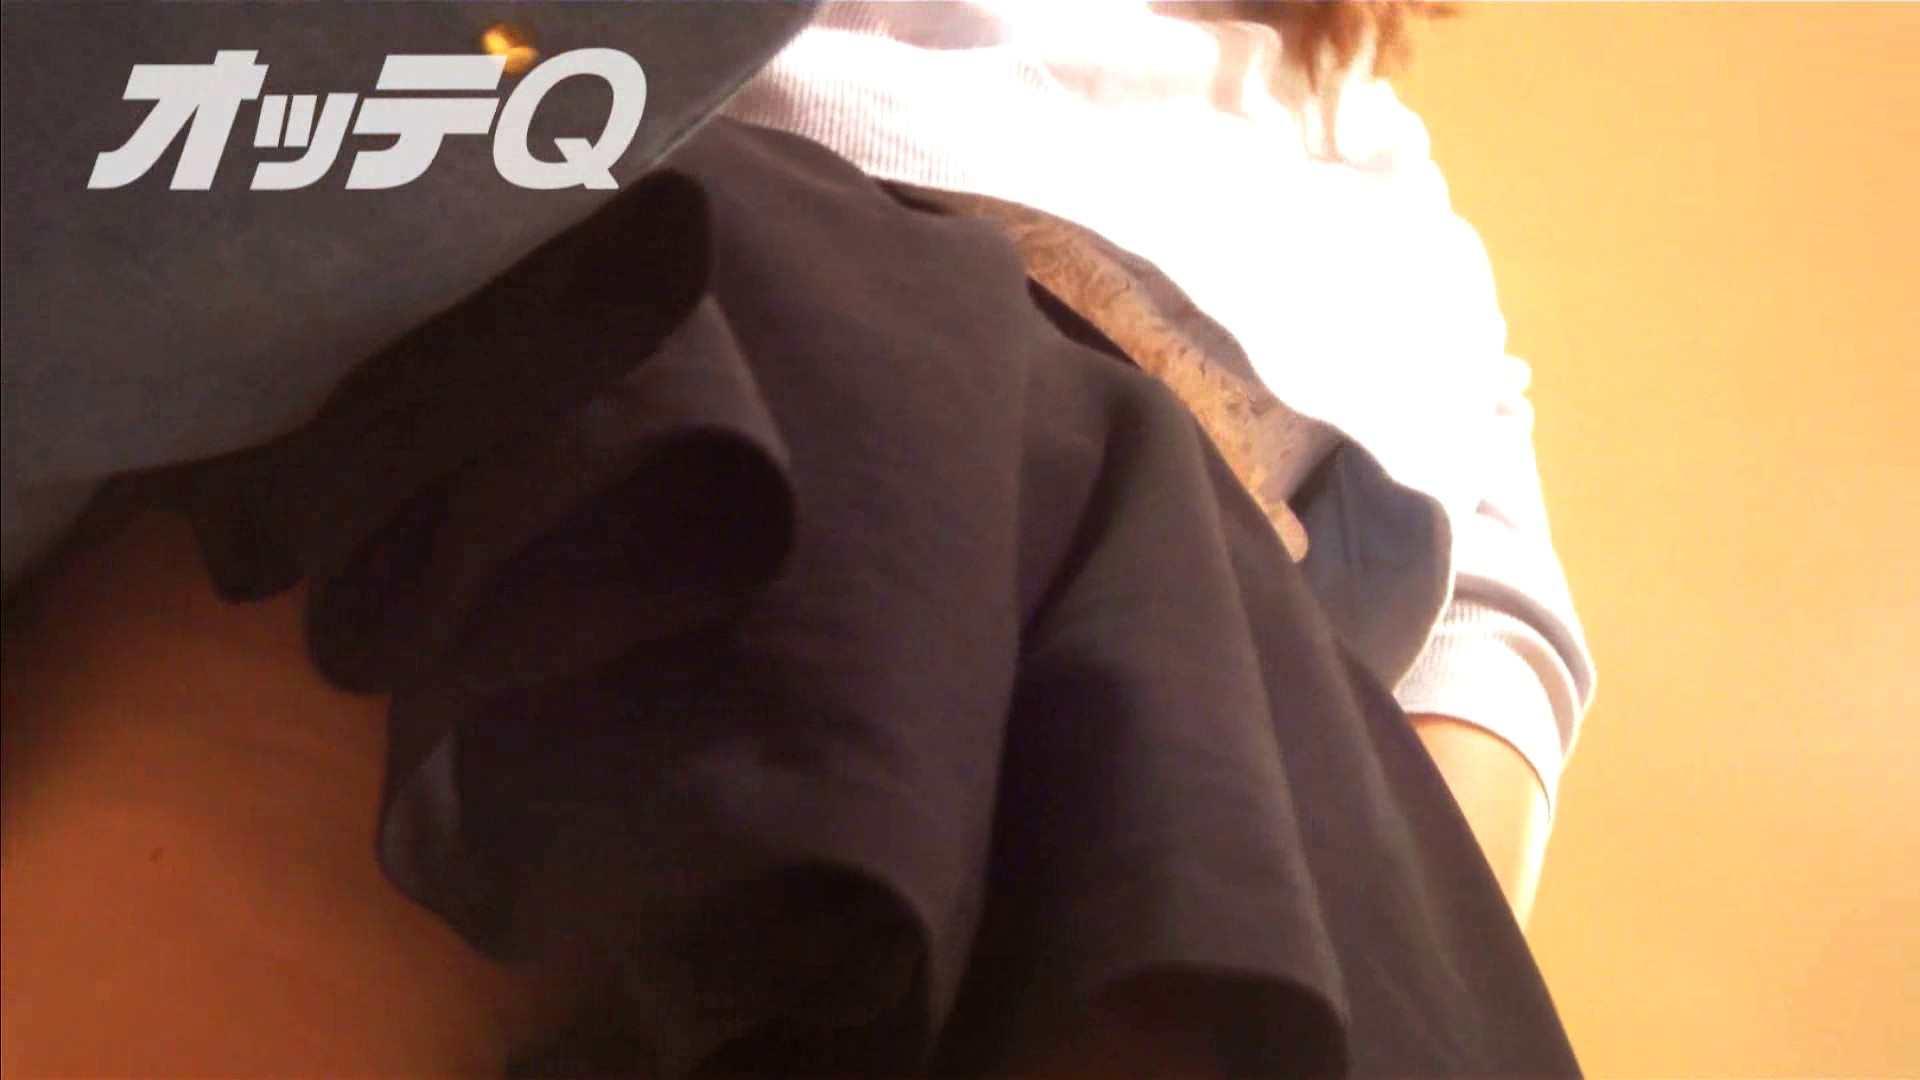 ハイビジョンパンチラ オッテQさんの追跡パンチラデパート編VOL.03 ギャル盗撮映像 セックス無修正動画無料 78PIX 58